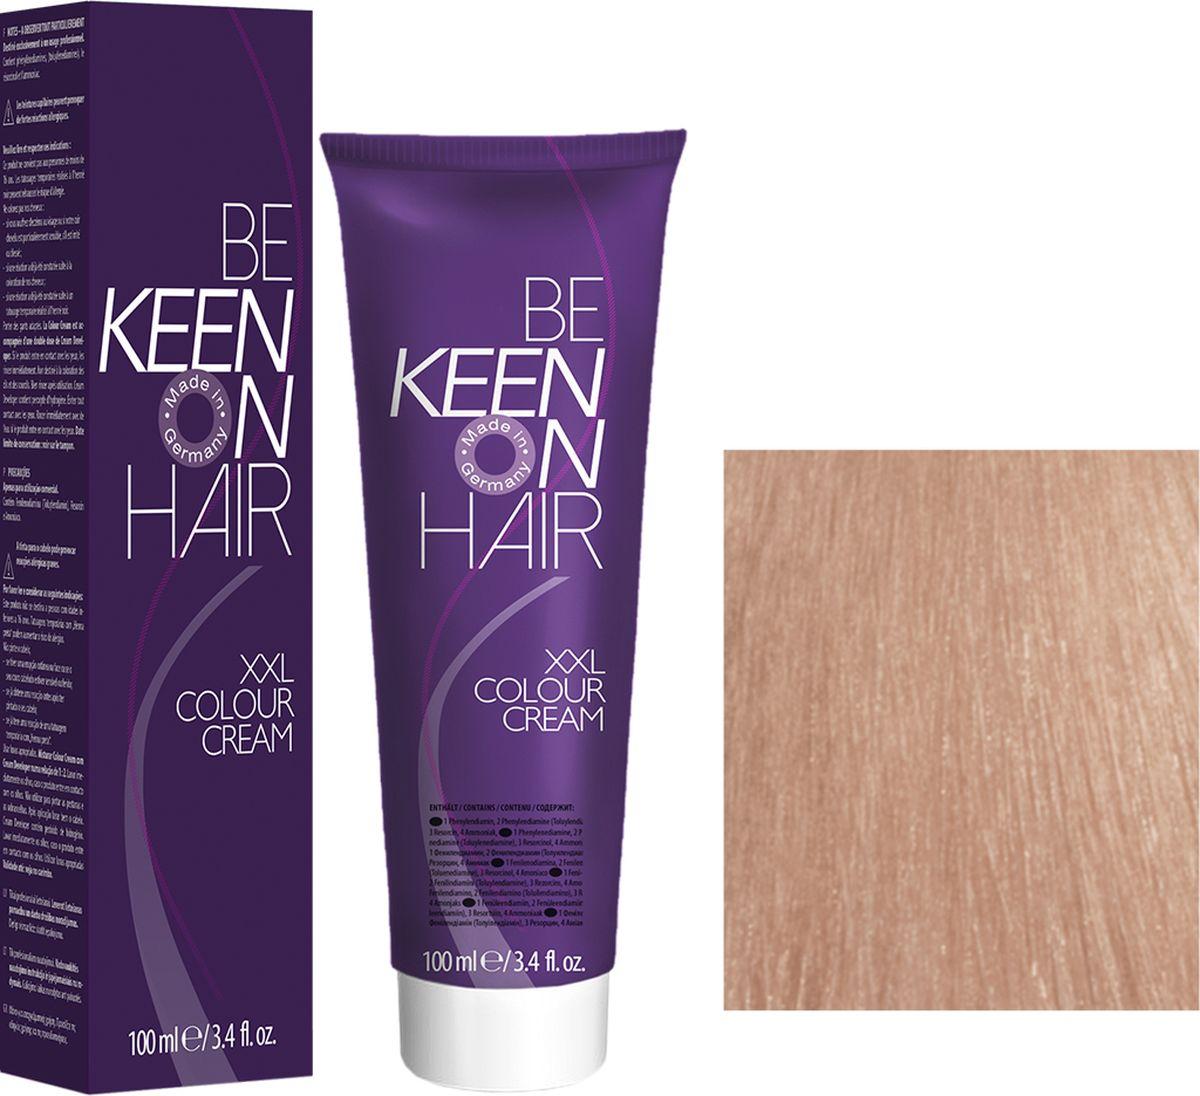 Keen Краска для волос 10.7 Ультра-светлый коричневый блондин Ultrahellblond Braun, 100 мл69100101Модные оттенкиБолее 100 оттенков для креативной комбинации цветов.ЭкономичностьПри использовании тюбика 100 мл вы получаете оптимальное соотношение цены и качества!УходМолочный белок поддерживает структуру волоса во время окрашивания и придает волосам блеск и шелковистость. Протеины хорошо встраиваются в волосы и снабжают их влагой.